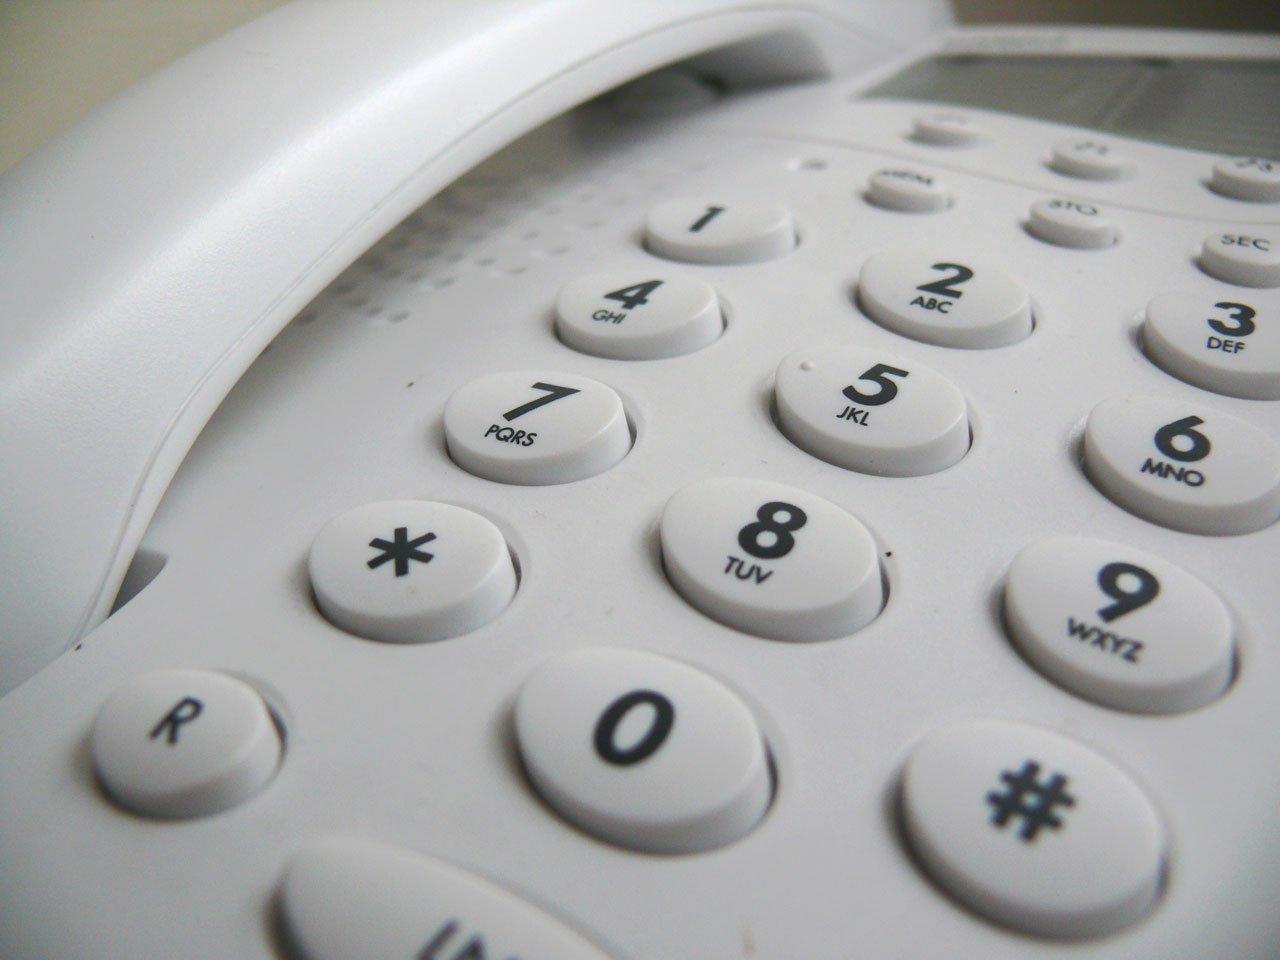 電話 call